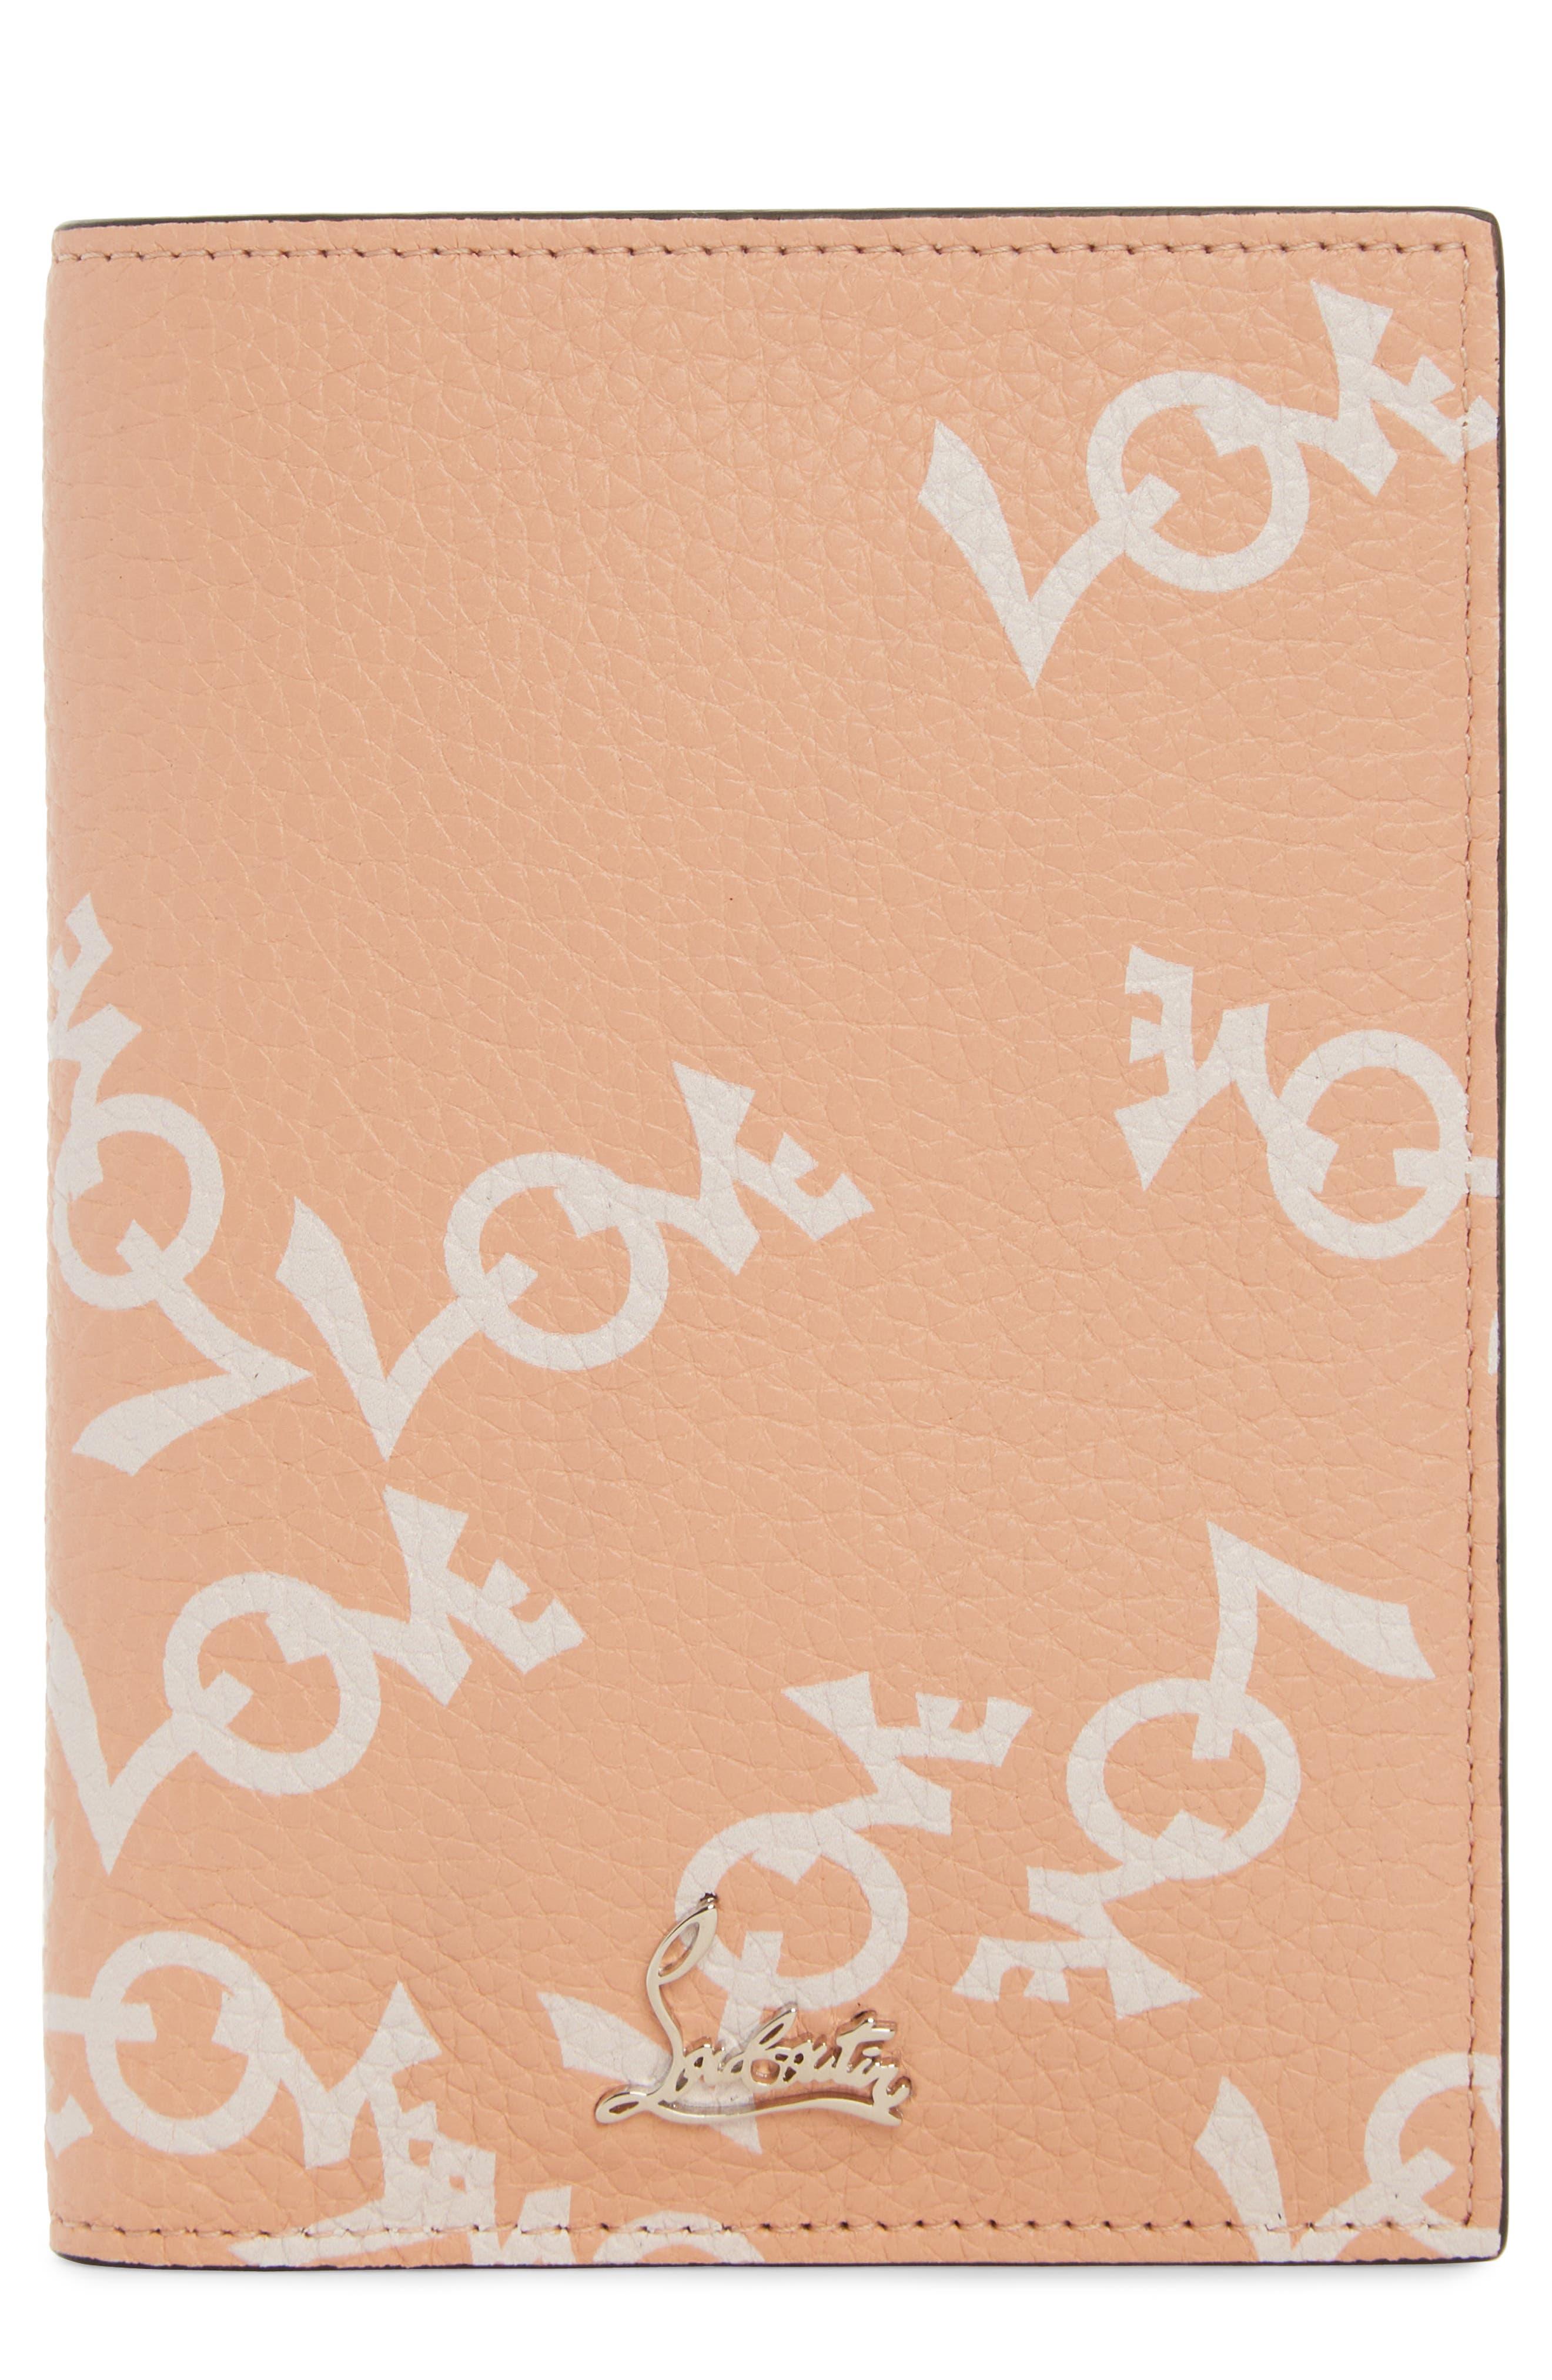 Loubipass Crazy Love Passport,                             Main thumbnail 1, color,                             Soie-Latte/ Silver